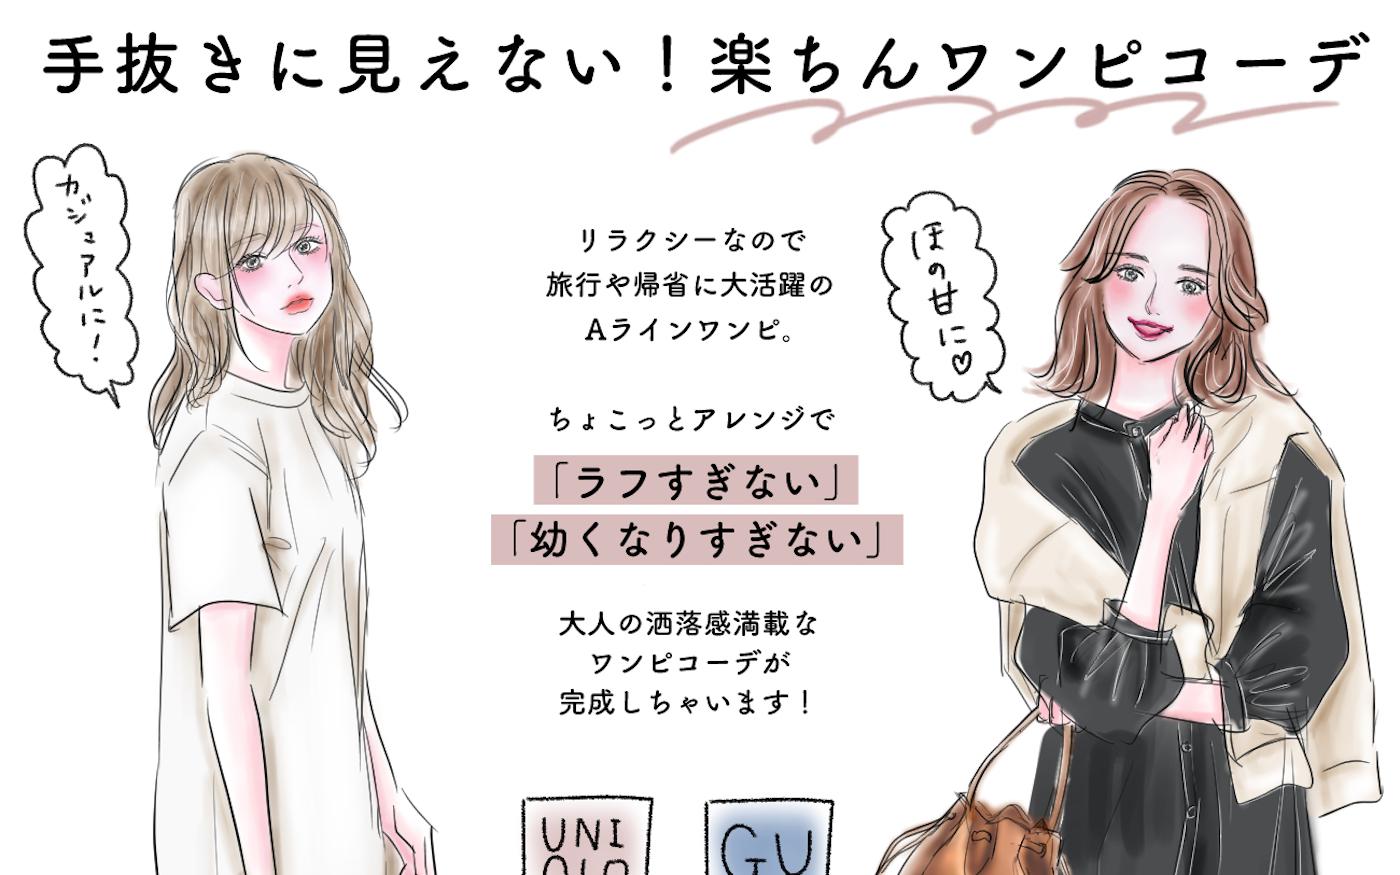 【UNIQLO&GU】一味違う!楽ちんロングワンピで作る【手抜きに見えない大人コーデ】